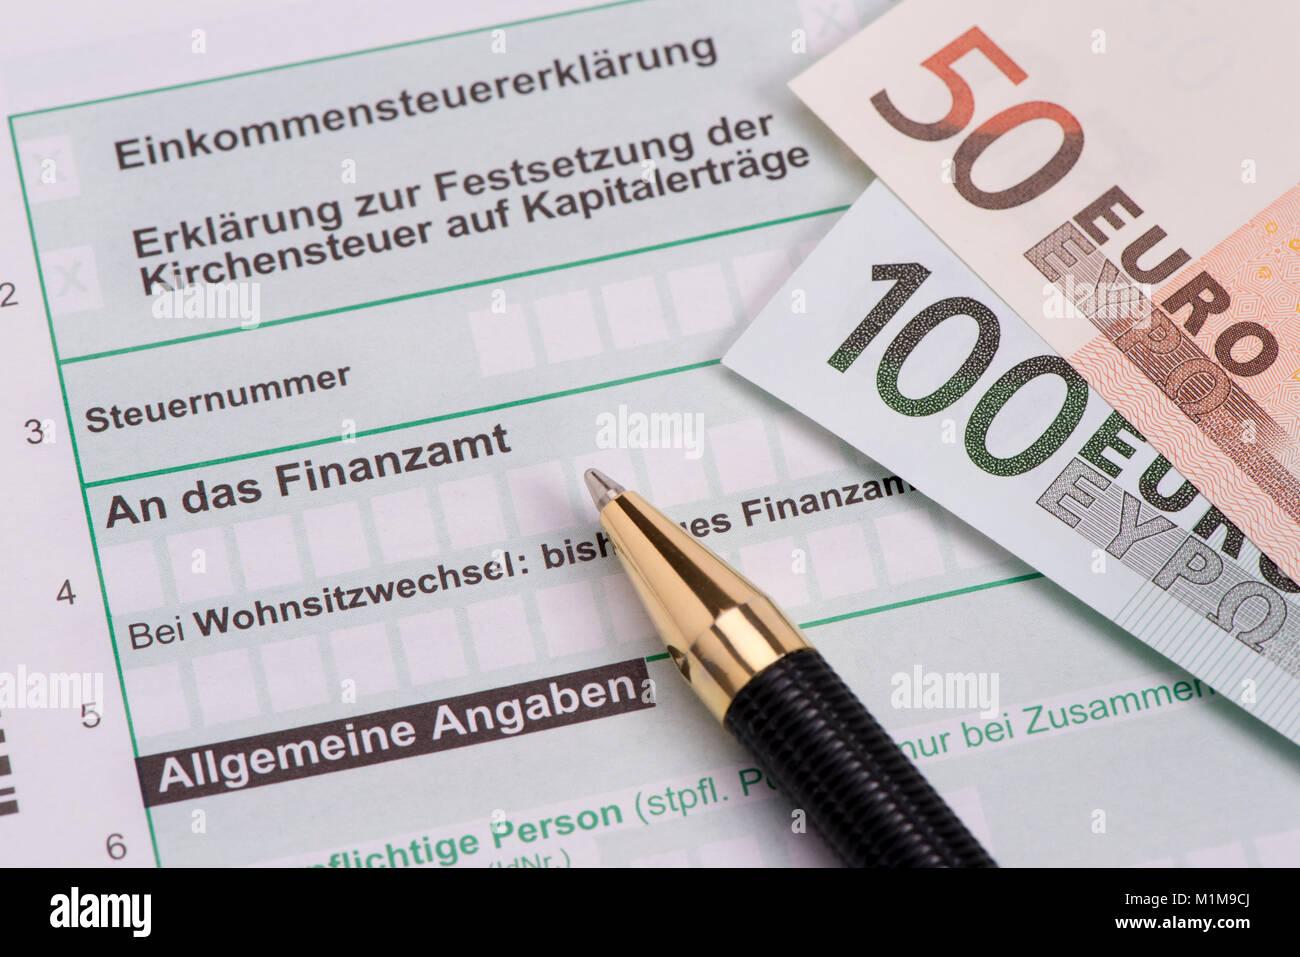 Einkommensteuererklärung für Finanzamt Stock Photo